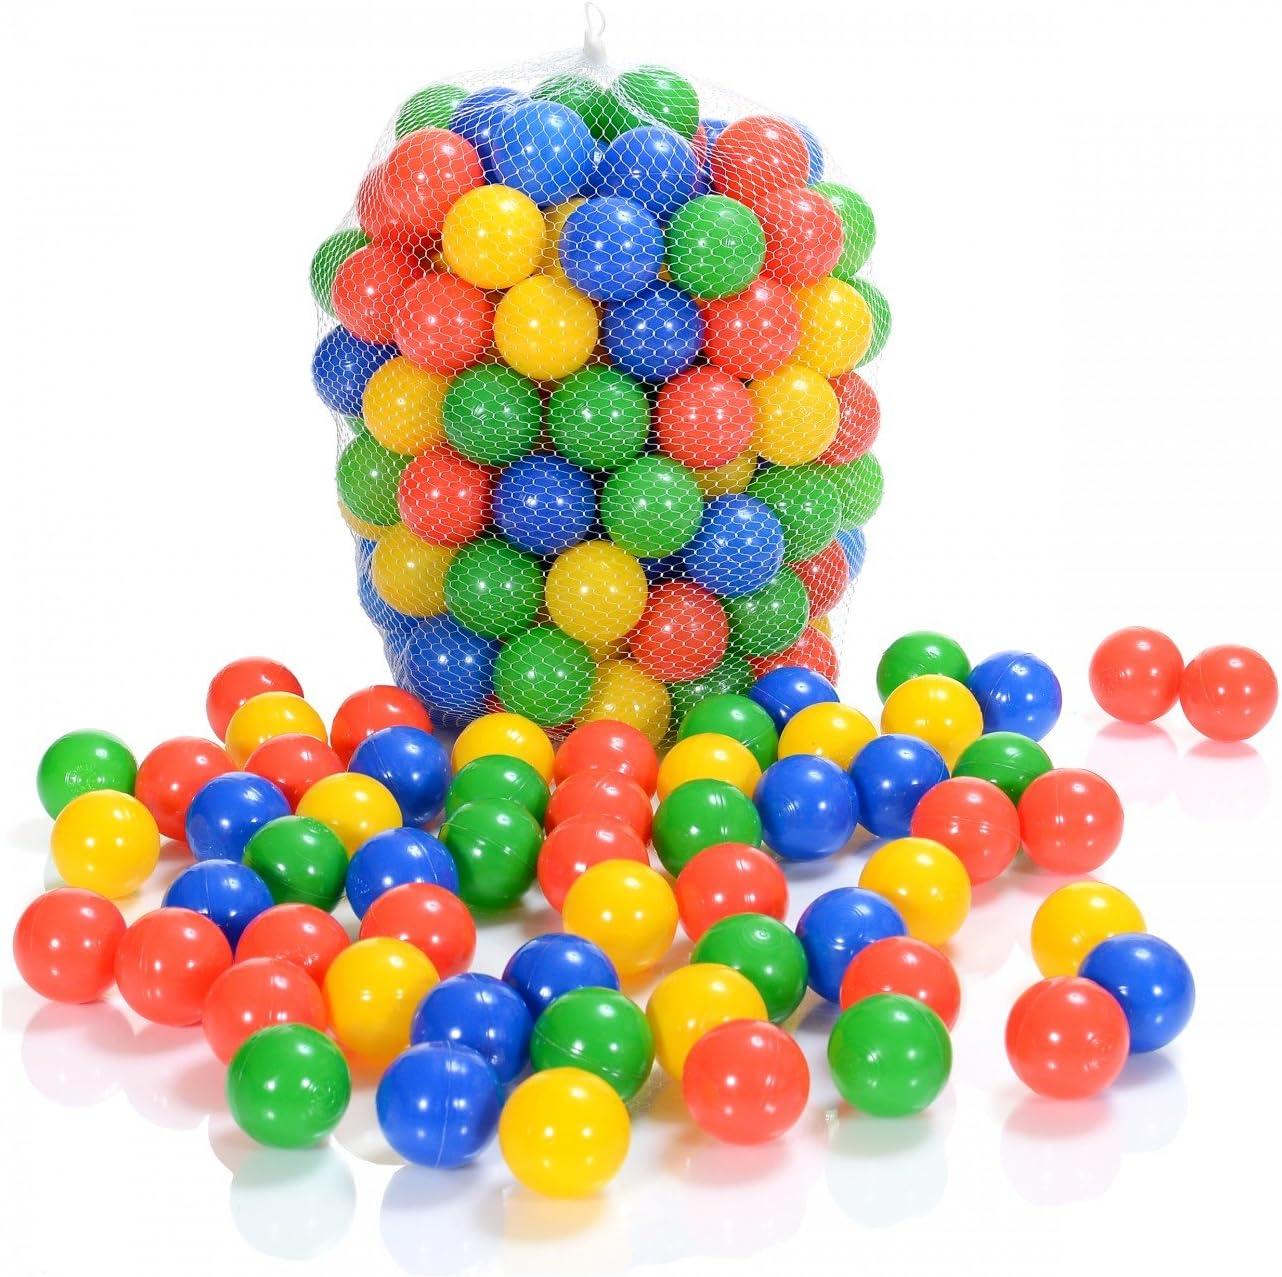 LCP Kids 100 Bolas Piscina Infantil Plástico para Niño +1 Años | 6 cm Diámetro | Pelotas Juegos